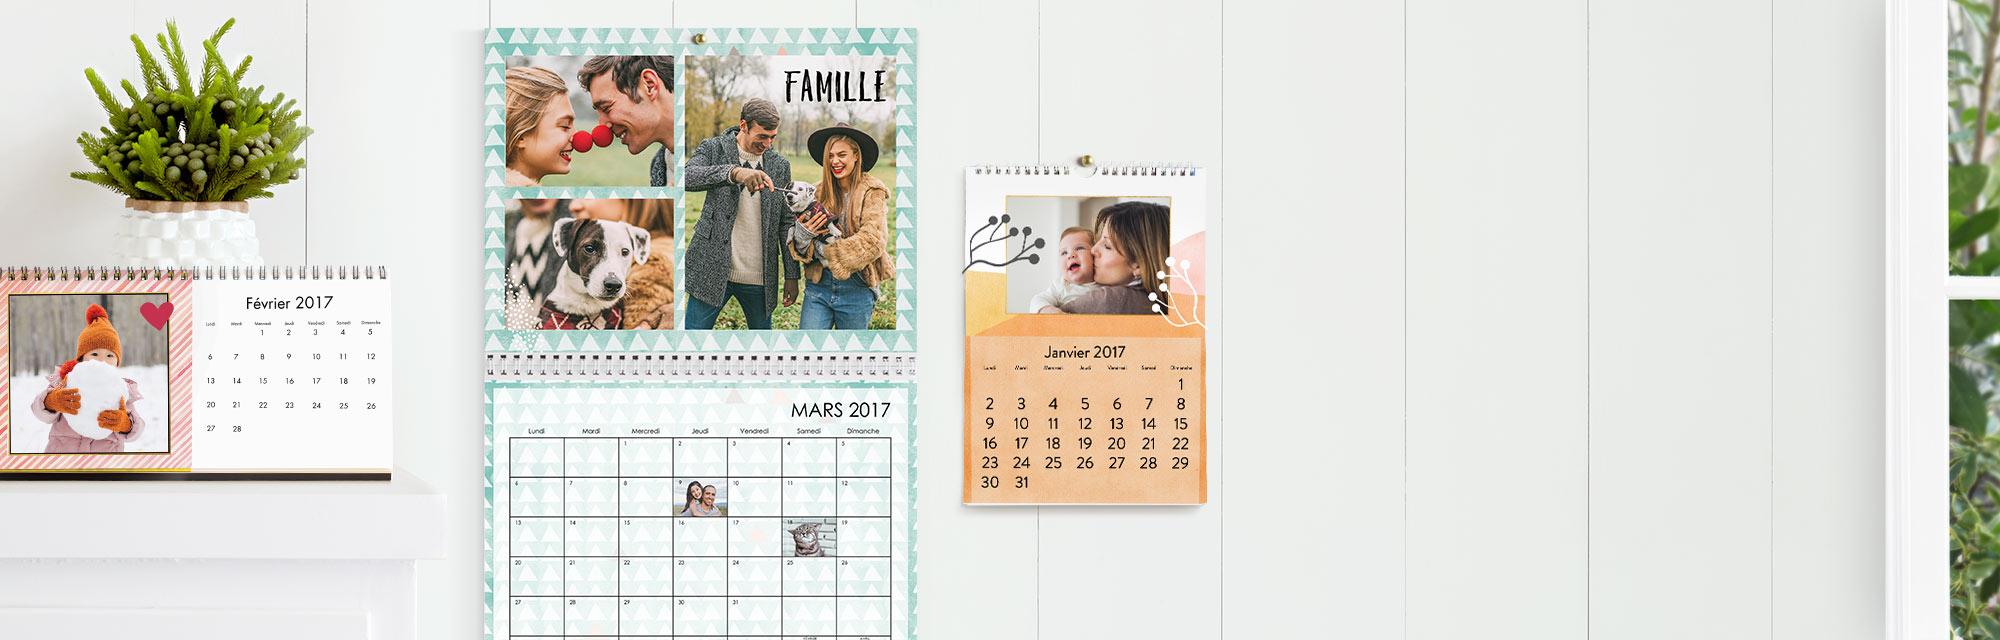 Calendriers Photo Personnalisés :  Profitez de l'année avec vos plus belles photos dans un calendrier photo personnalisé.